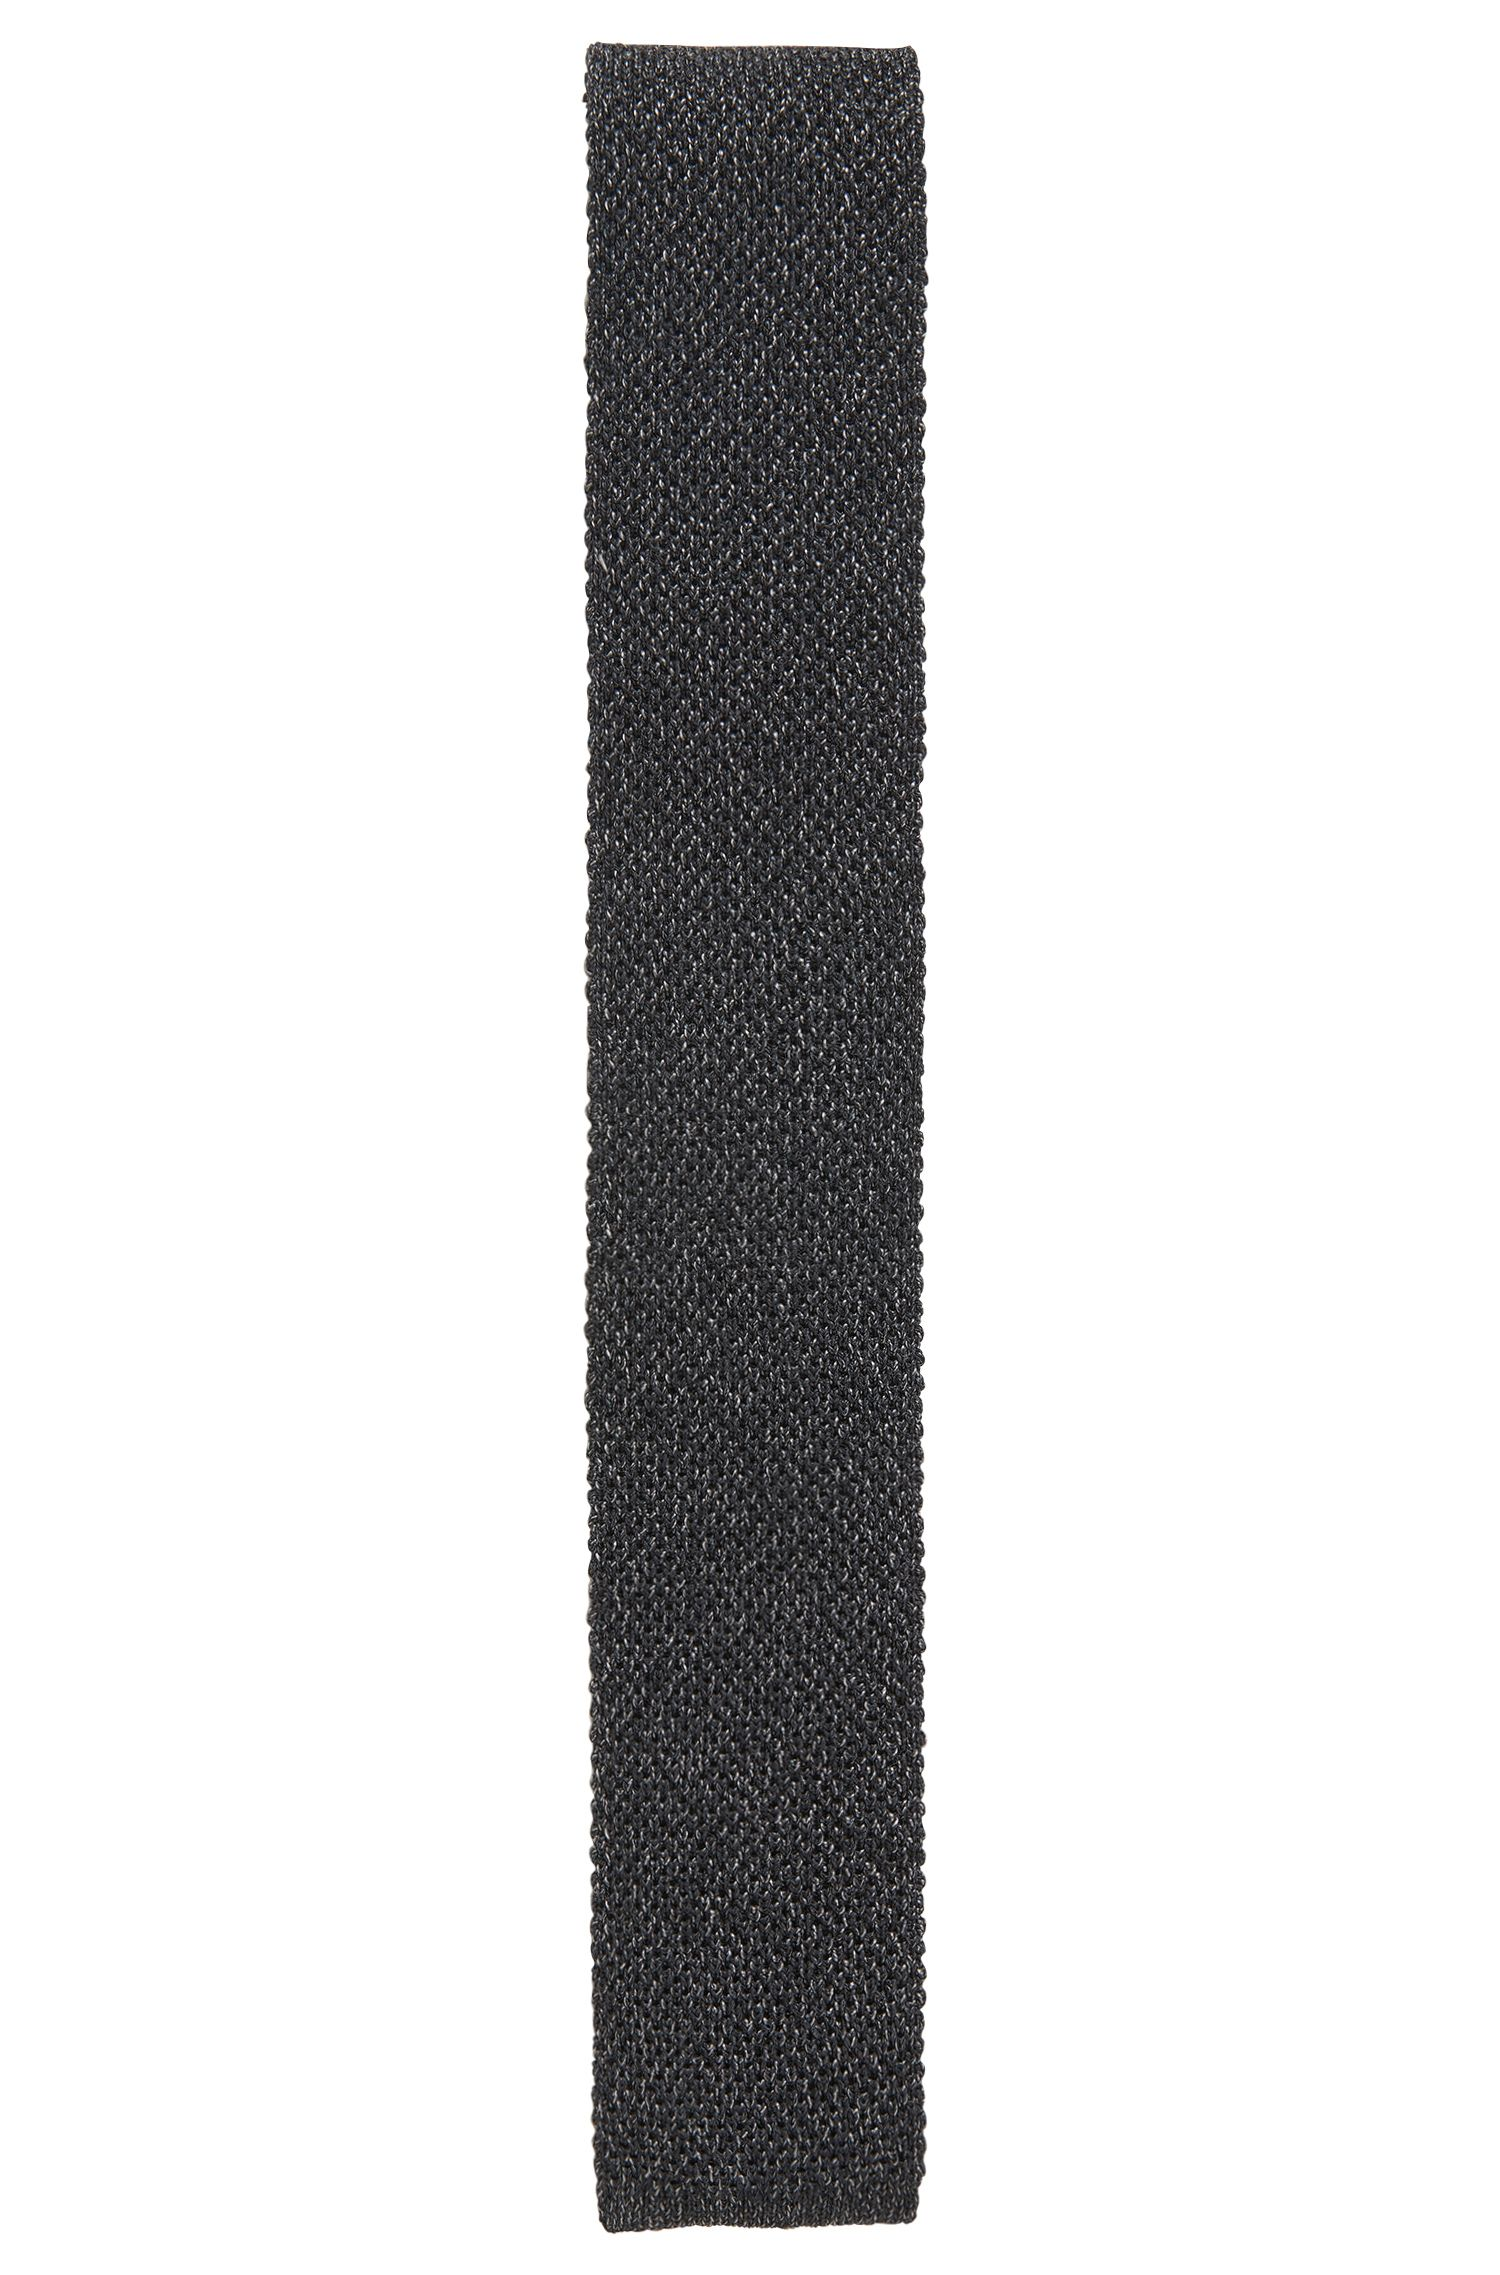 Cravate tricotée réversible en laine mélangée